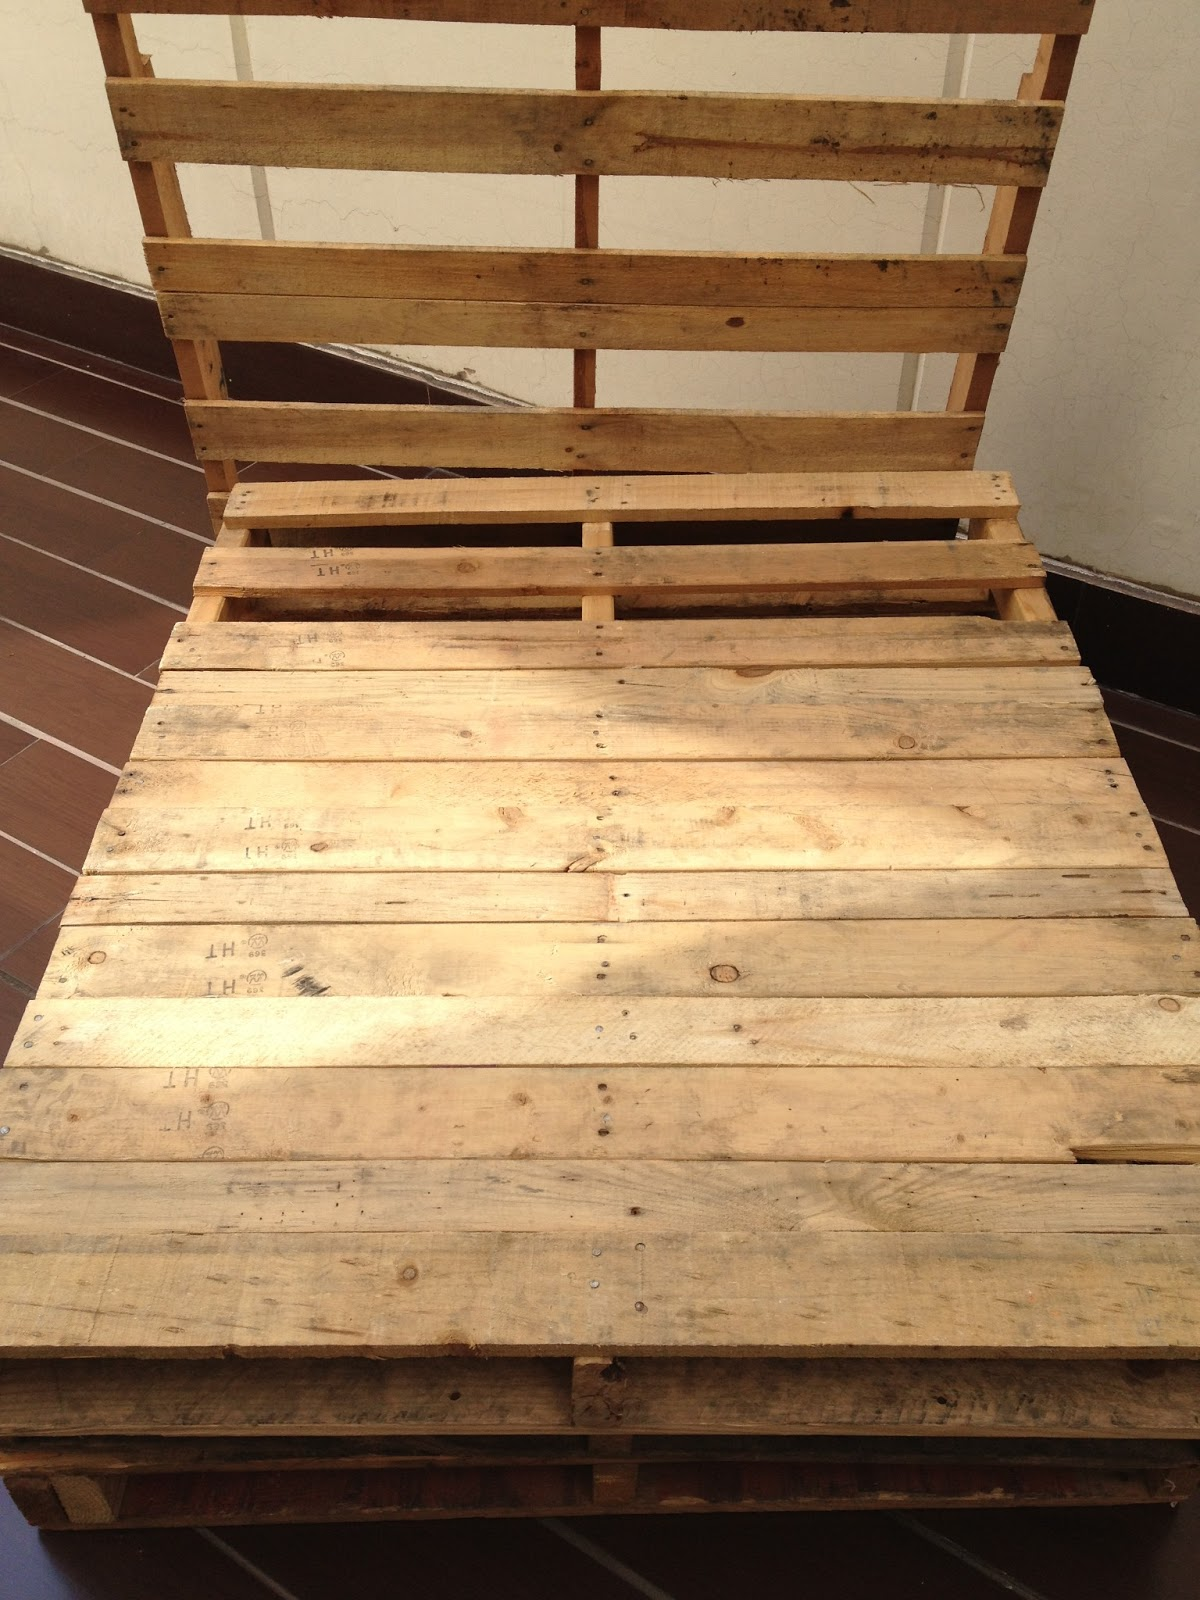 Muebles Hechos De Palets : Muebles hechos de palets madera